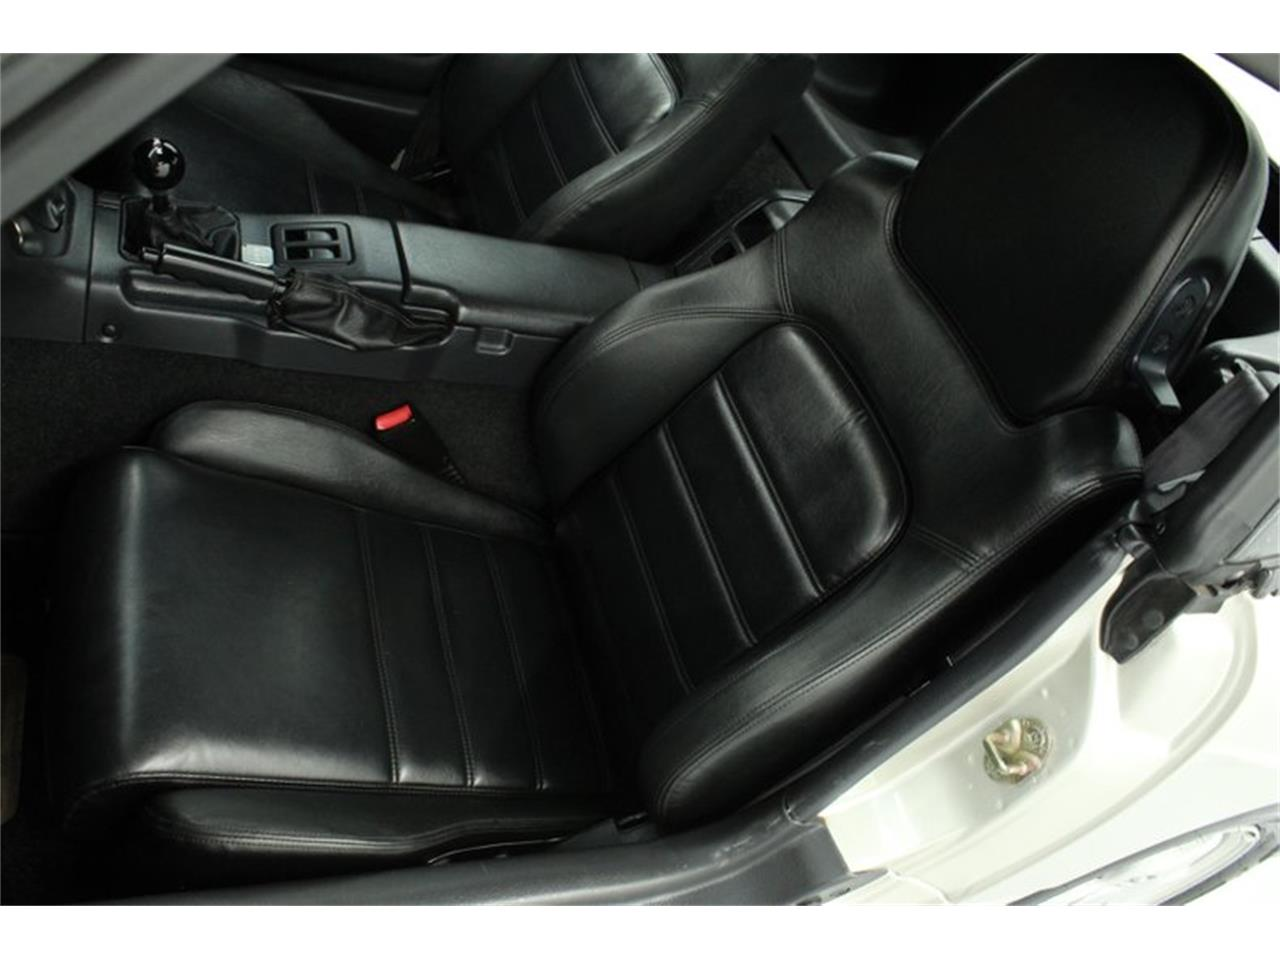 1991 Suzuki Cappuccino (CC-1389114) for sale in Christiansburg, Virginia